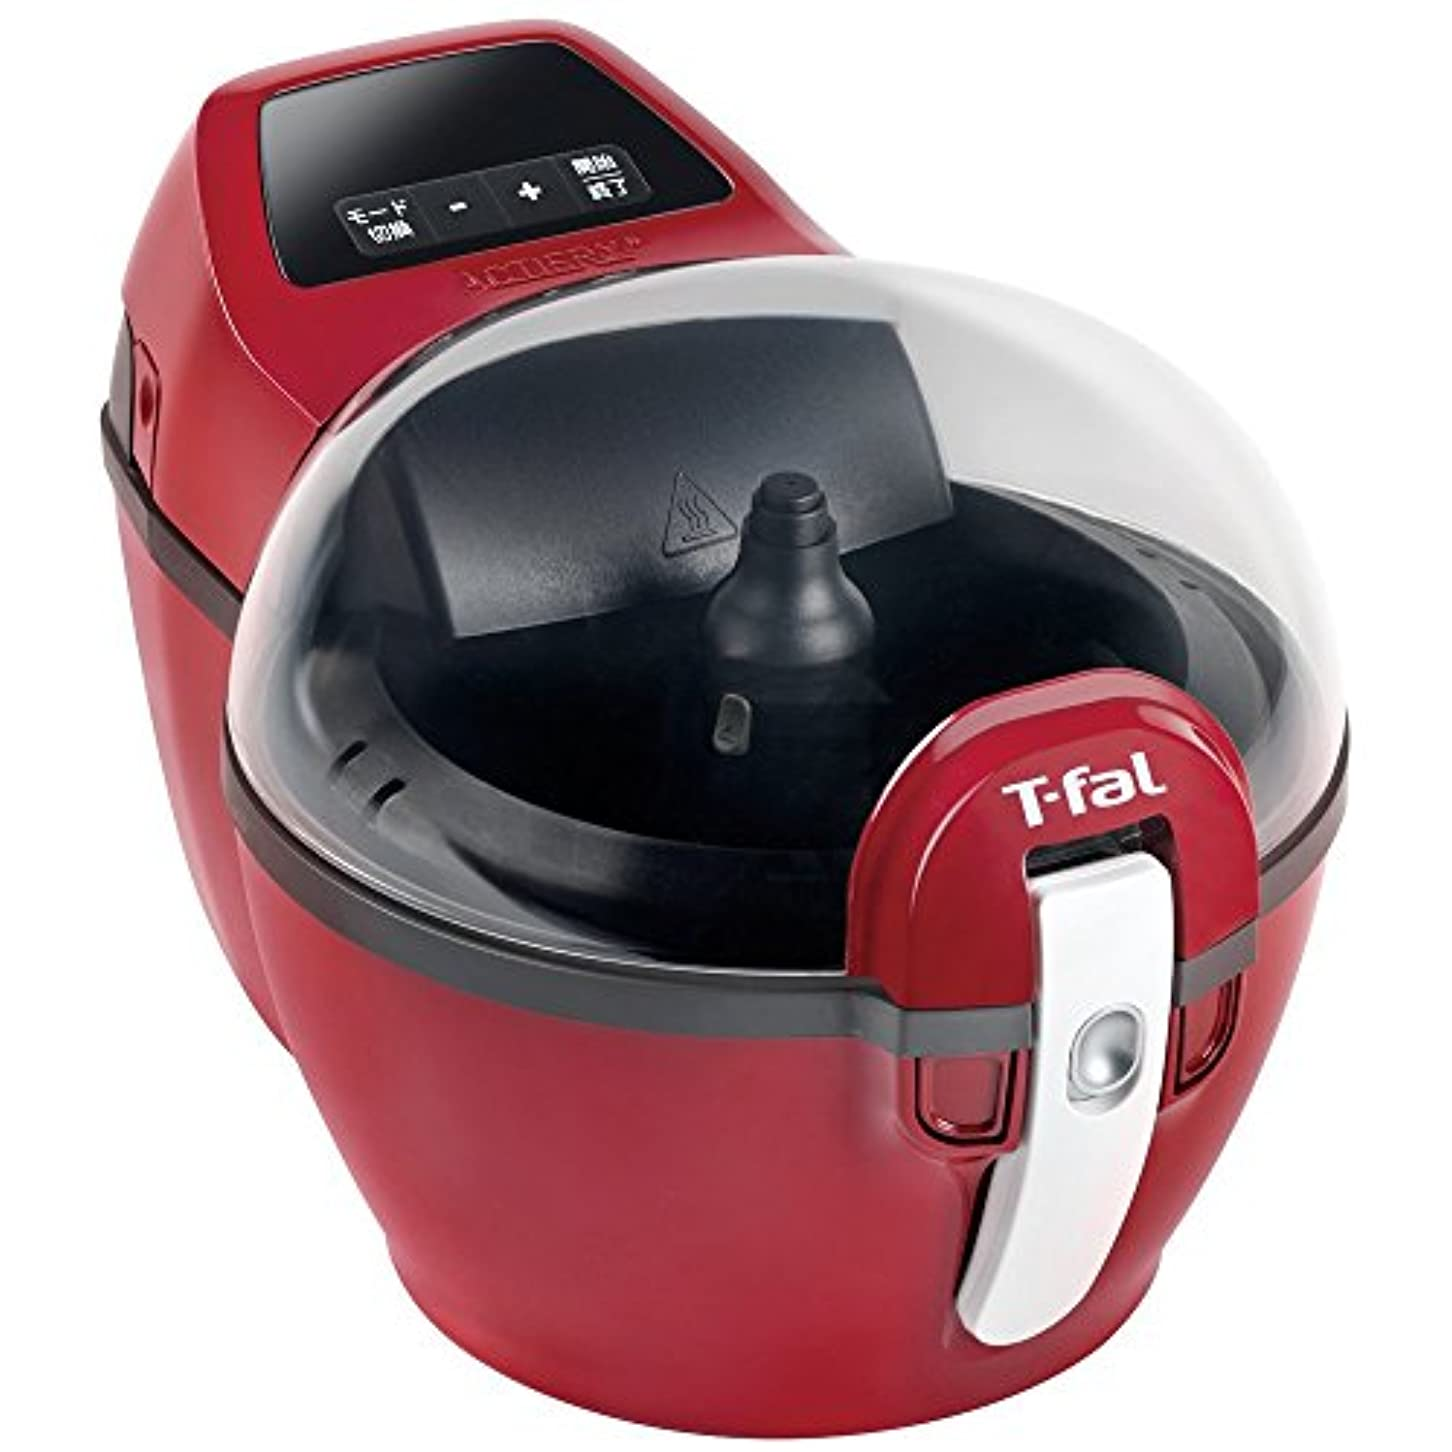 巧みな使役アセティファール 電気フライヤー アクティフライ  揚げ物 炒め物 煮込み レッド 調理家電 FZ205588